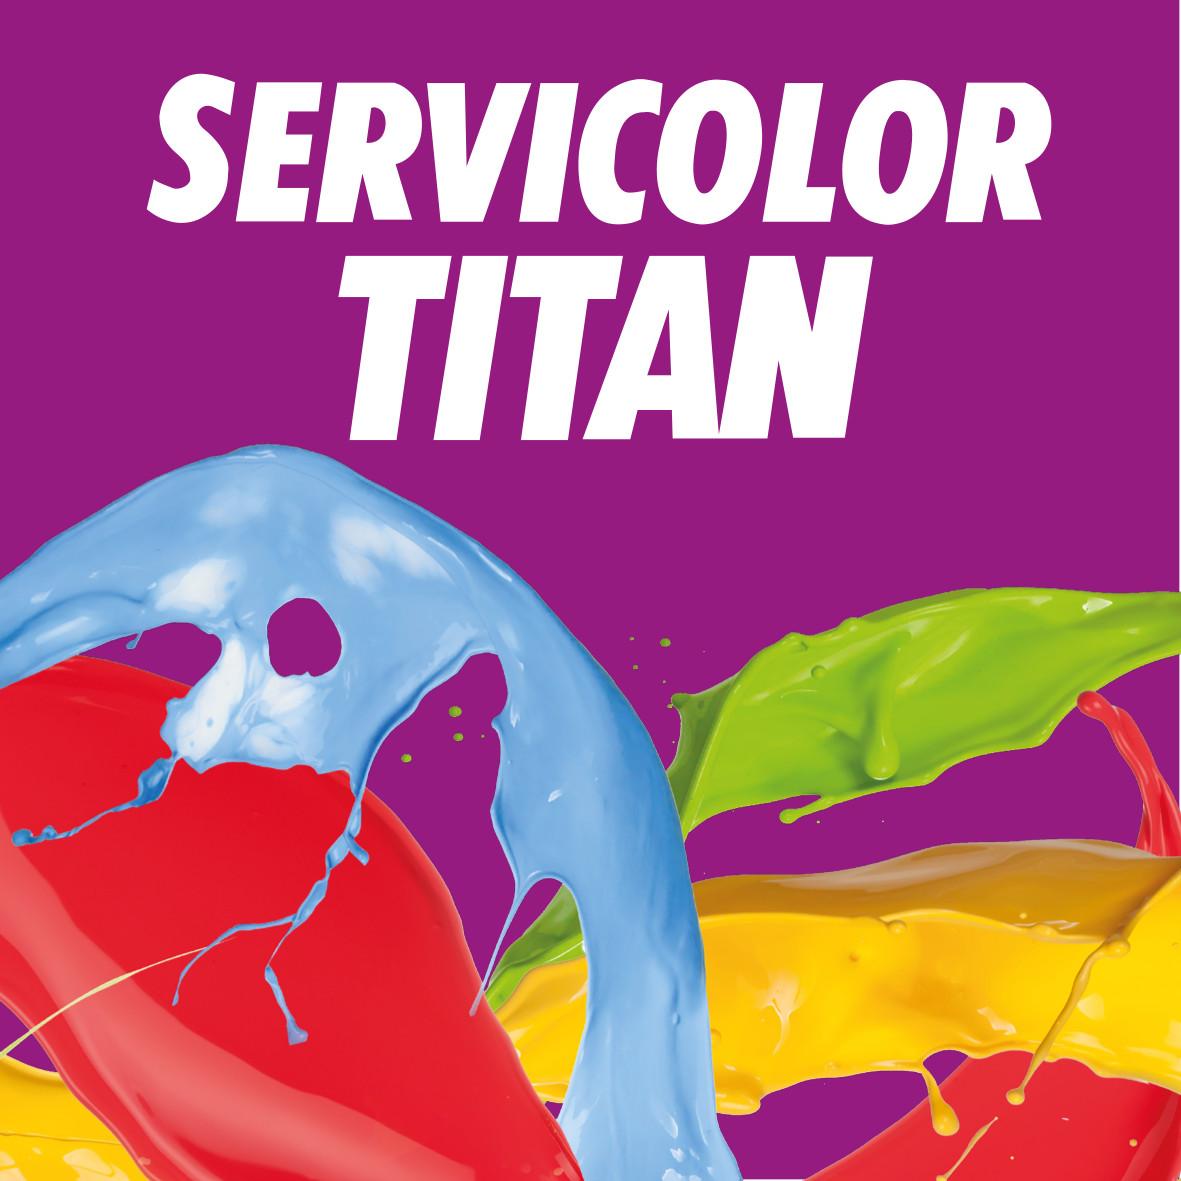 TITANIT FACHADAS BASE SERVICOLOR SISTEMA 2000 Y STANDARD